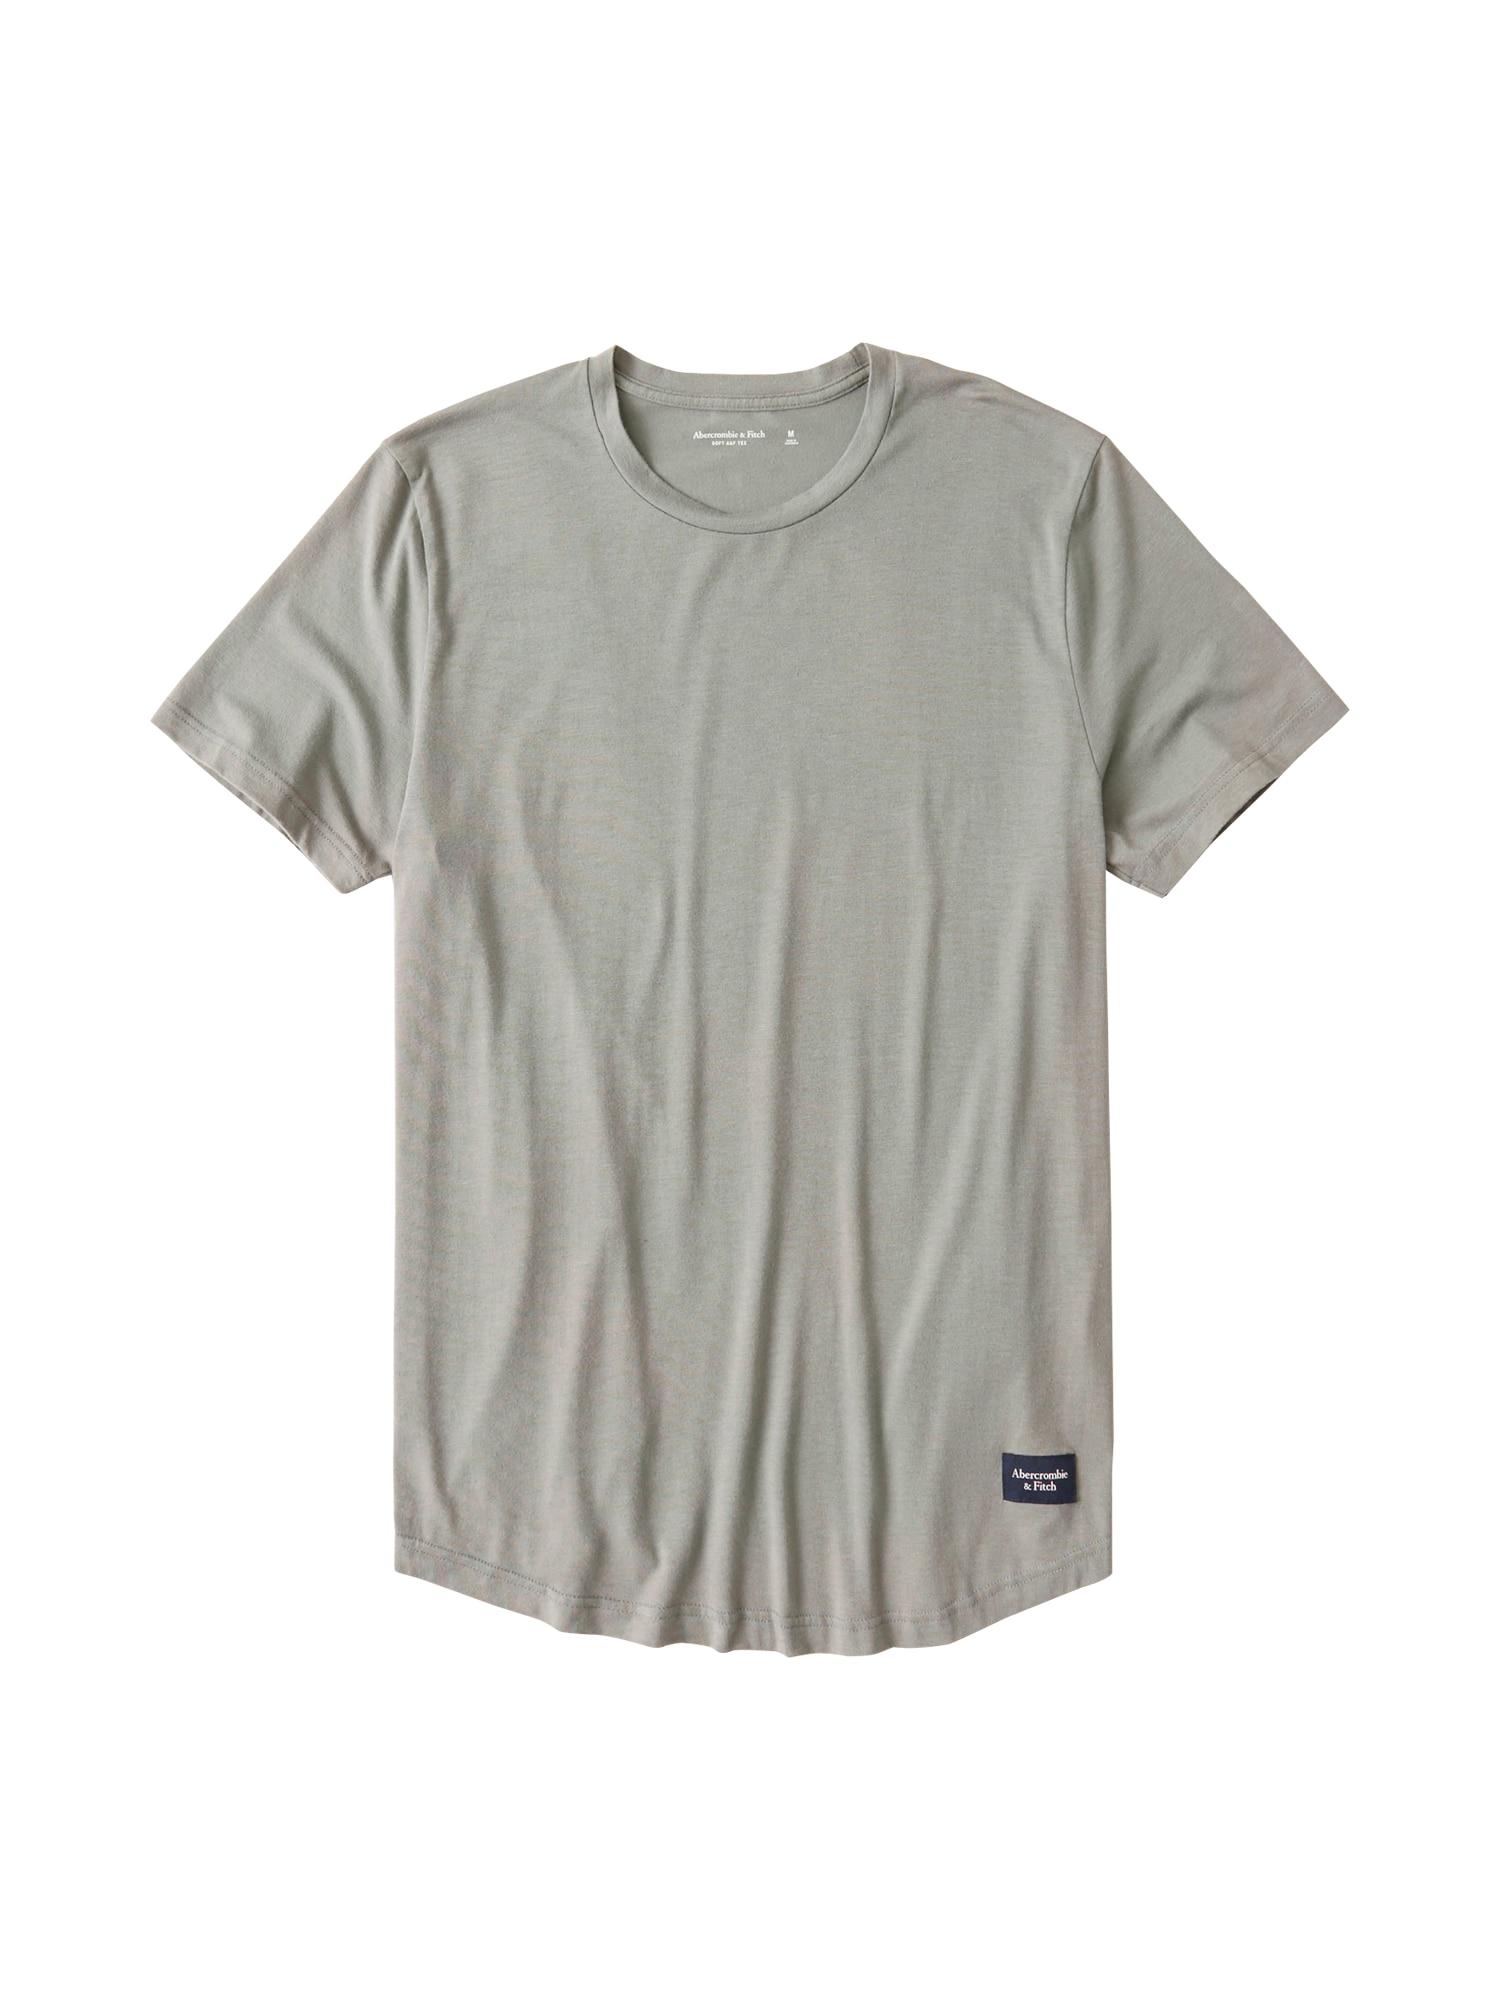 Abercrombie & Fitch Marškinėliai 'COTTON MODAL CURVED' rausvai pilka